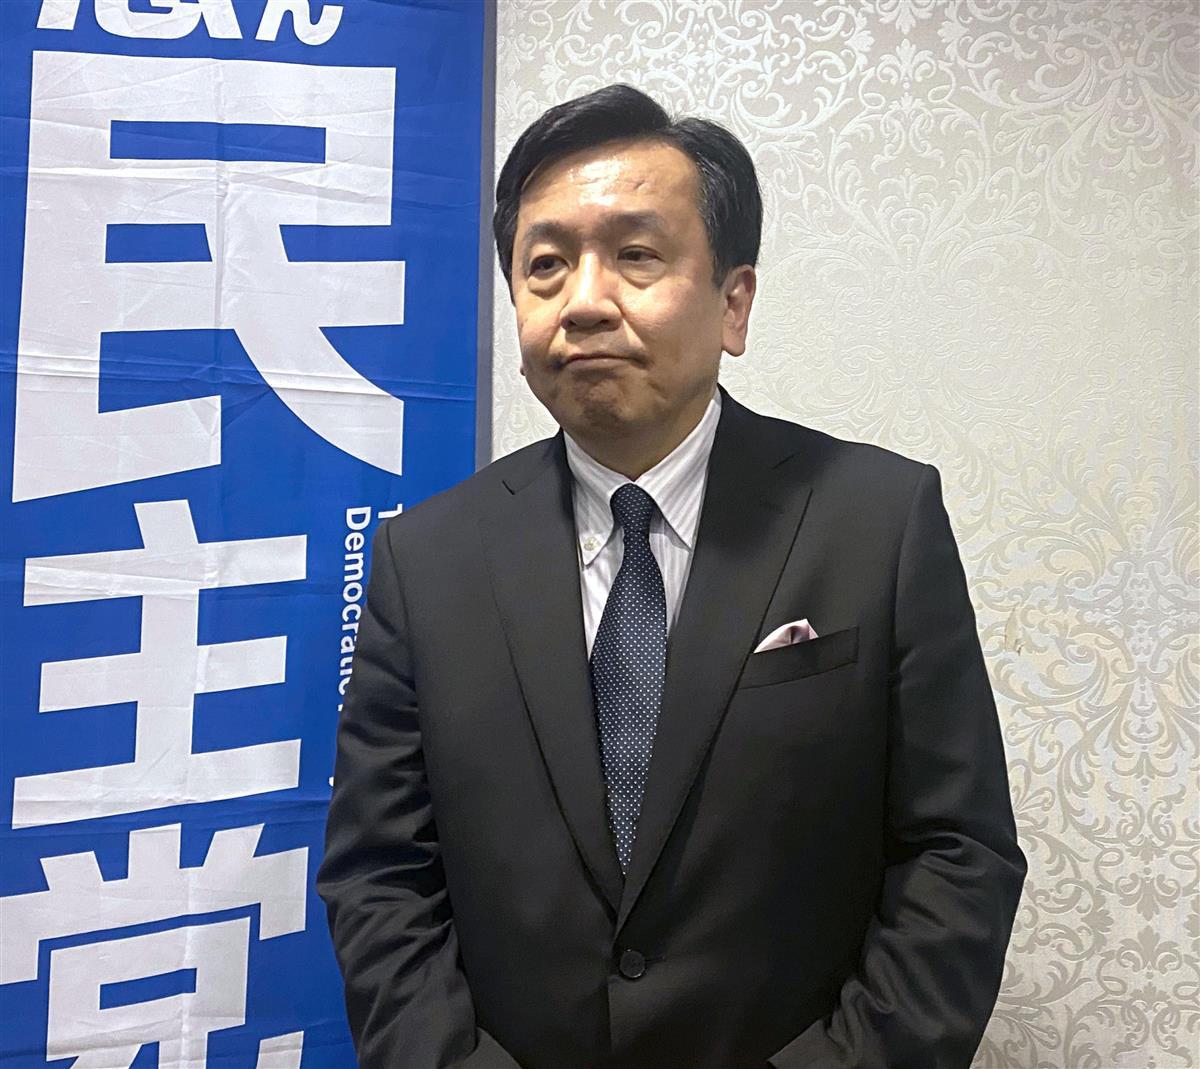 記者団の取材に応じる立憲民主党の枝野幸男代表=14日午後、仙台市